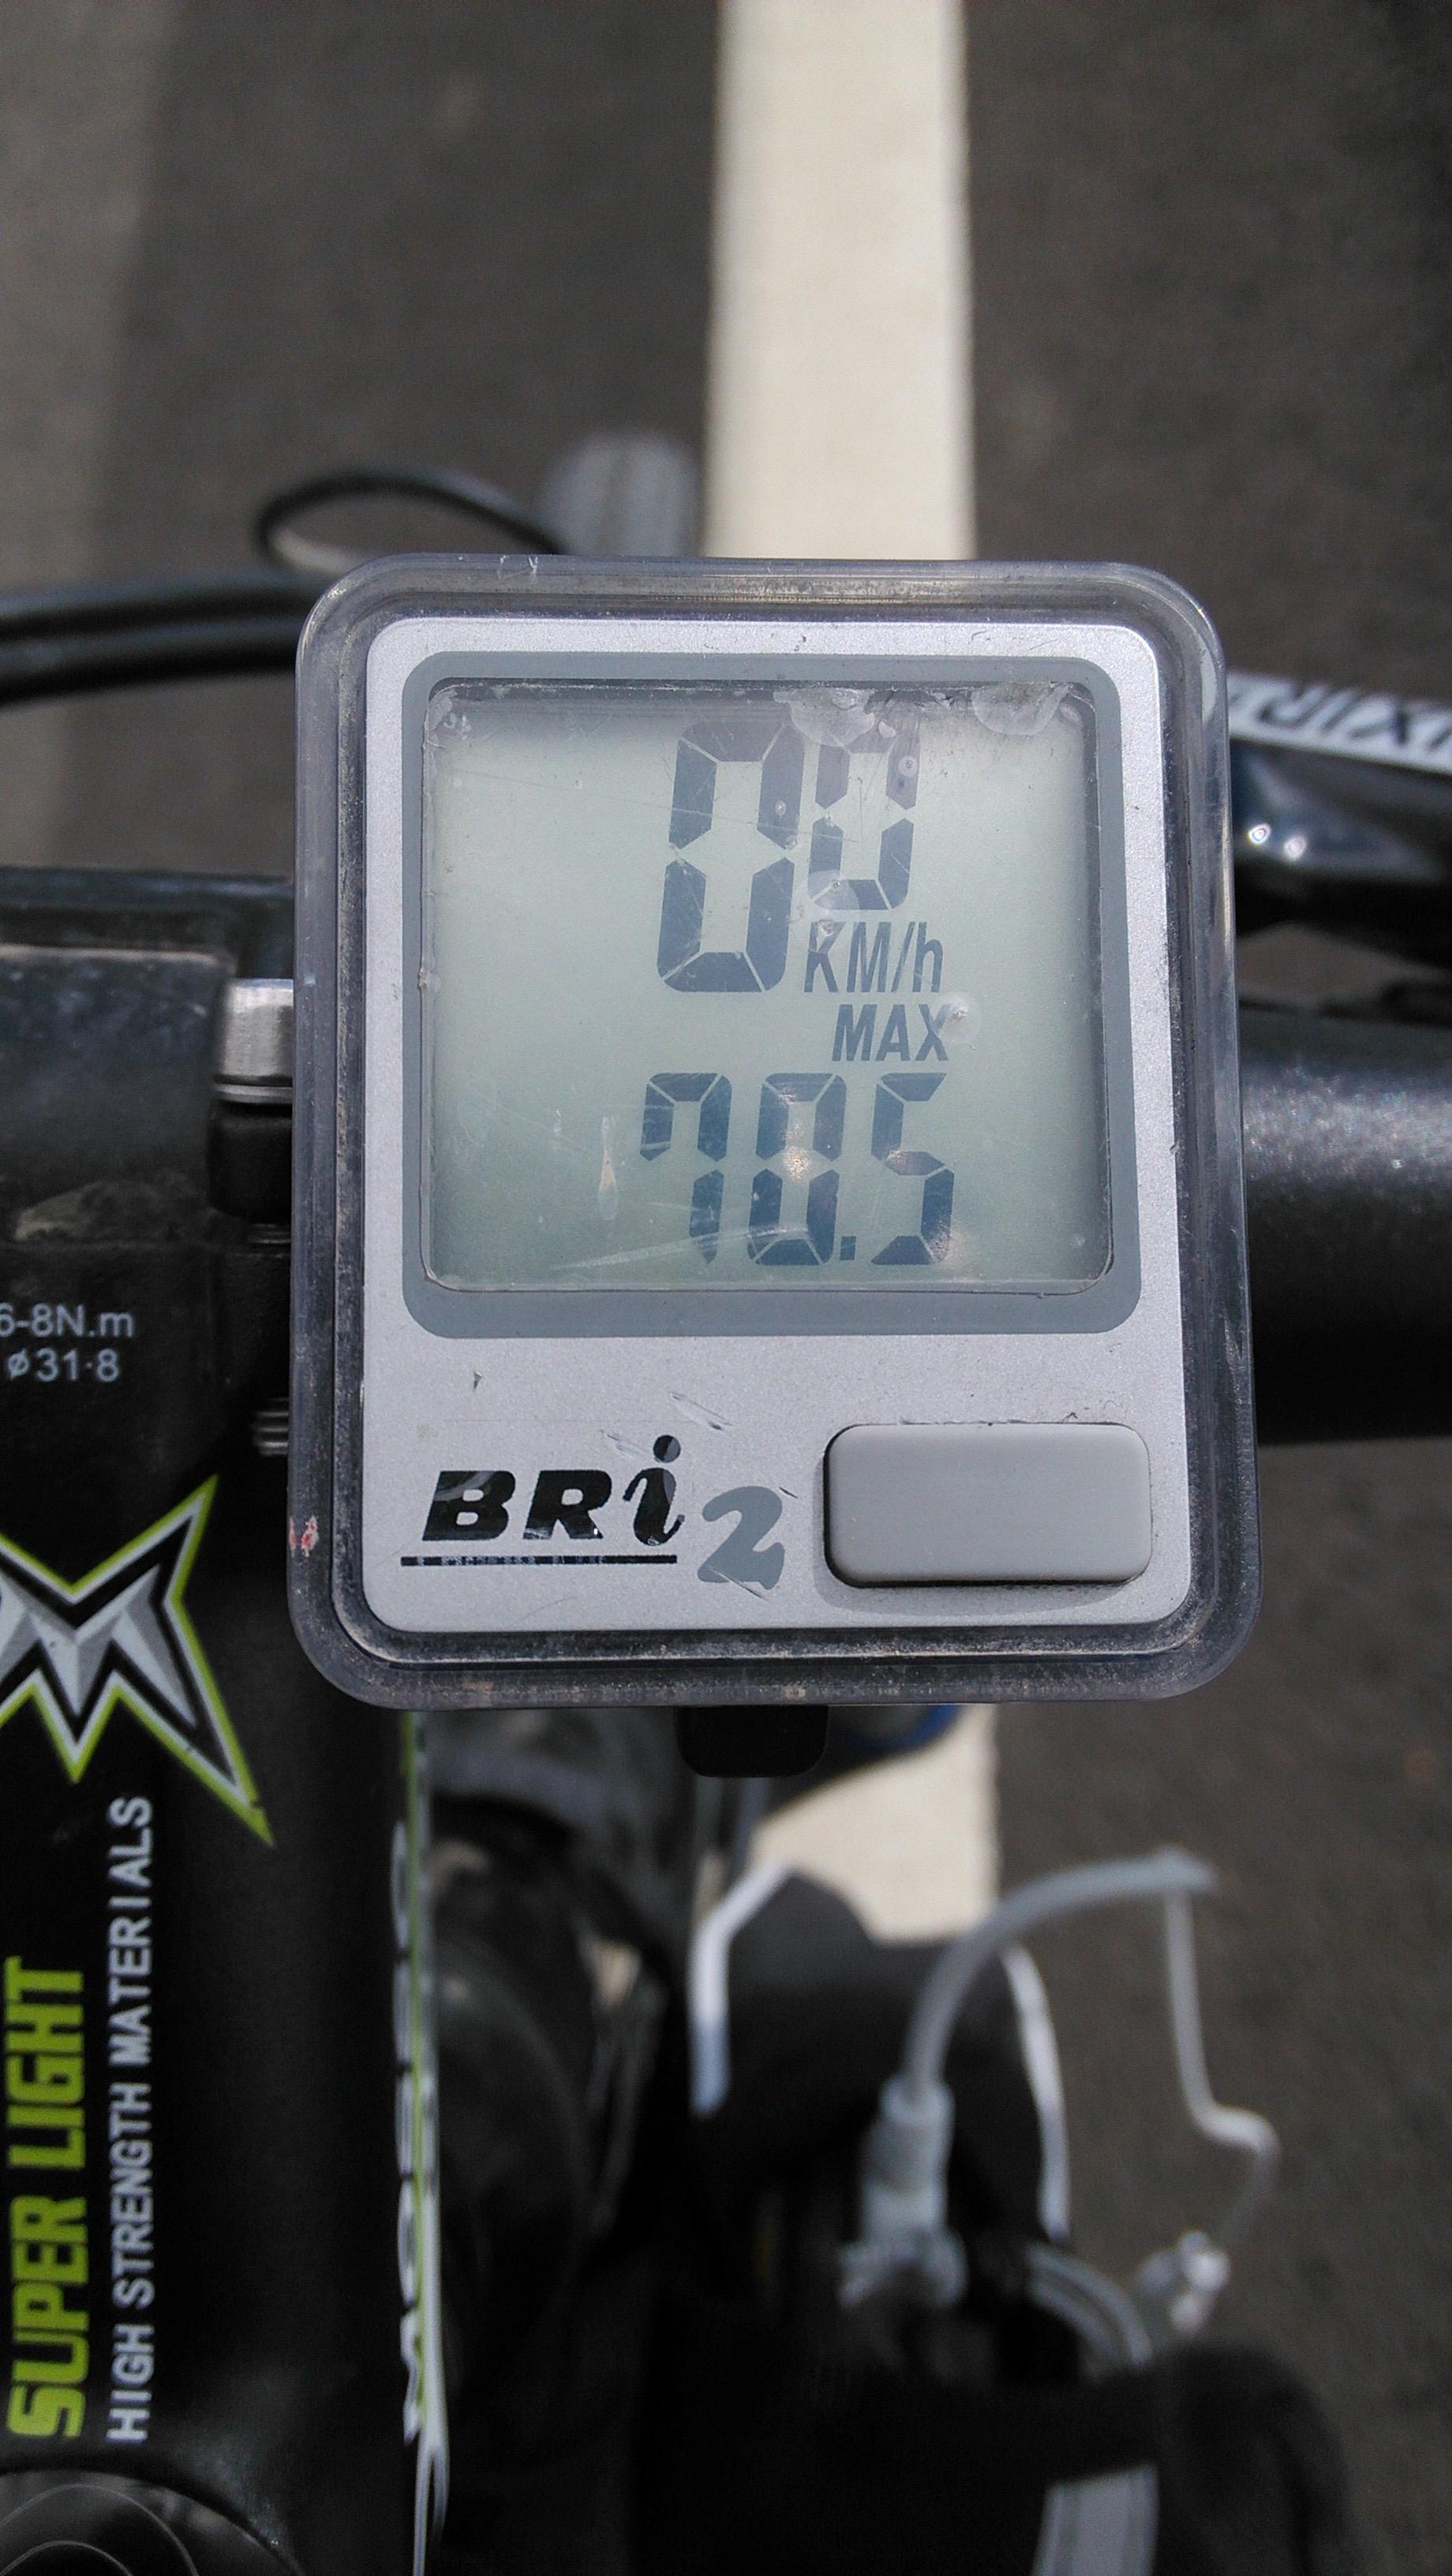 刚刚好像超过了70km/h……